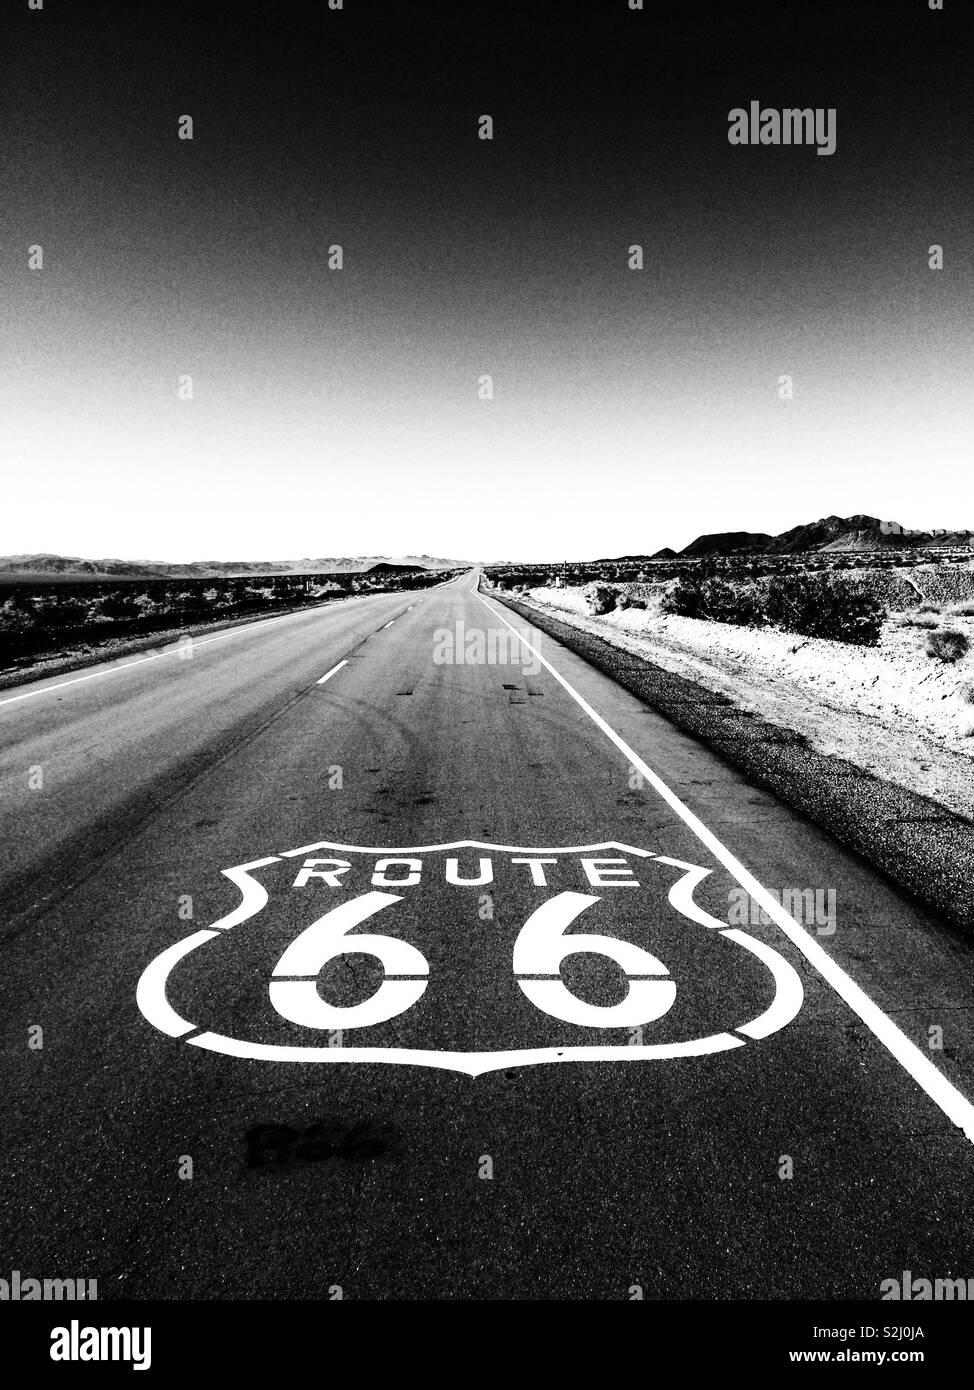 Road sign 66 dans le désert de Mojave. Édition noir et blanc. Photo Stock